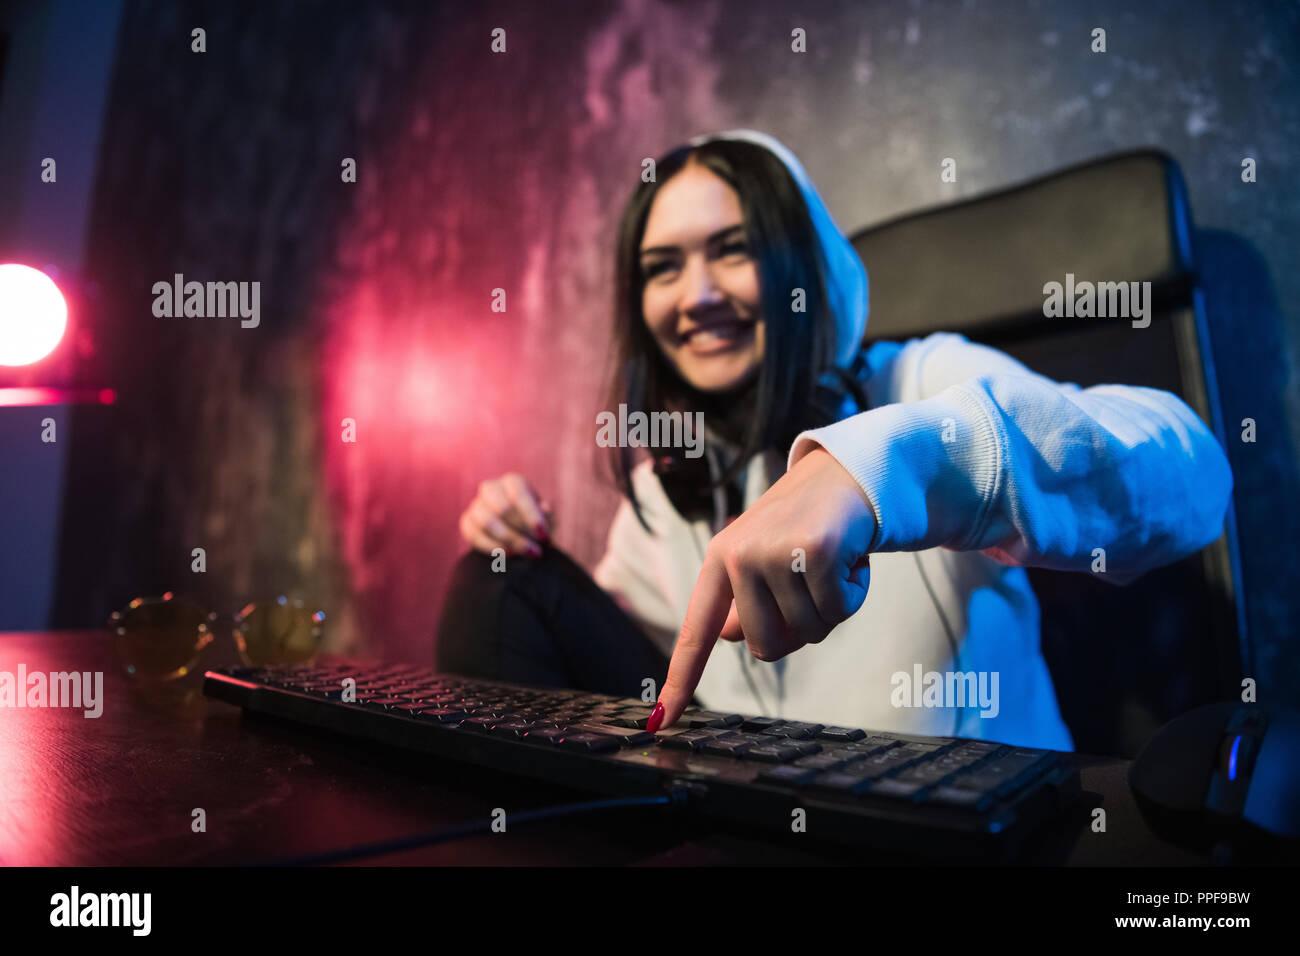 Frau in der Haube sitzen und Arbeiten am Laptop als Hacker. Ausführen von malware Programm auf Rechner im Internet mit boshaften Lächeln auf ihrem Gesicht. Stockbild